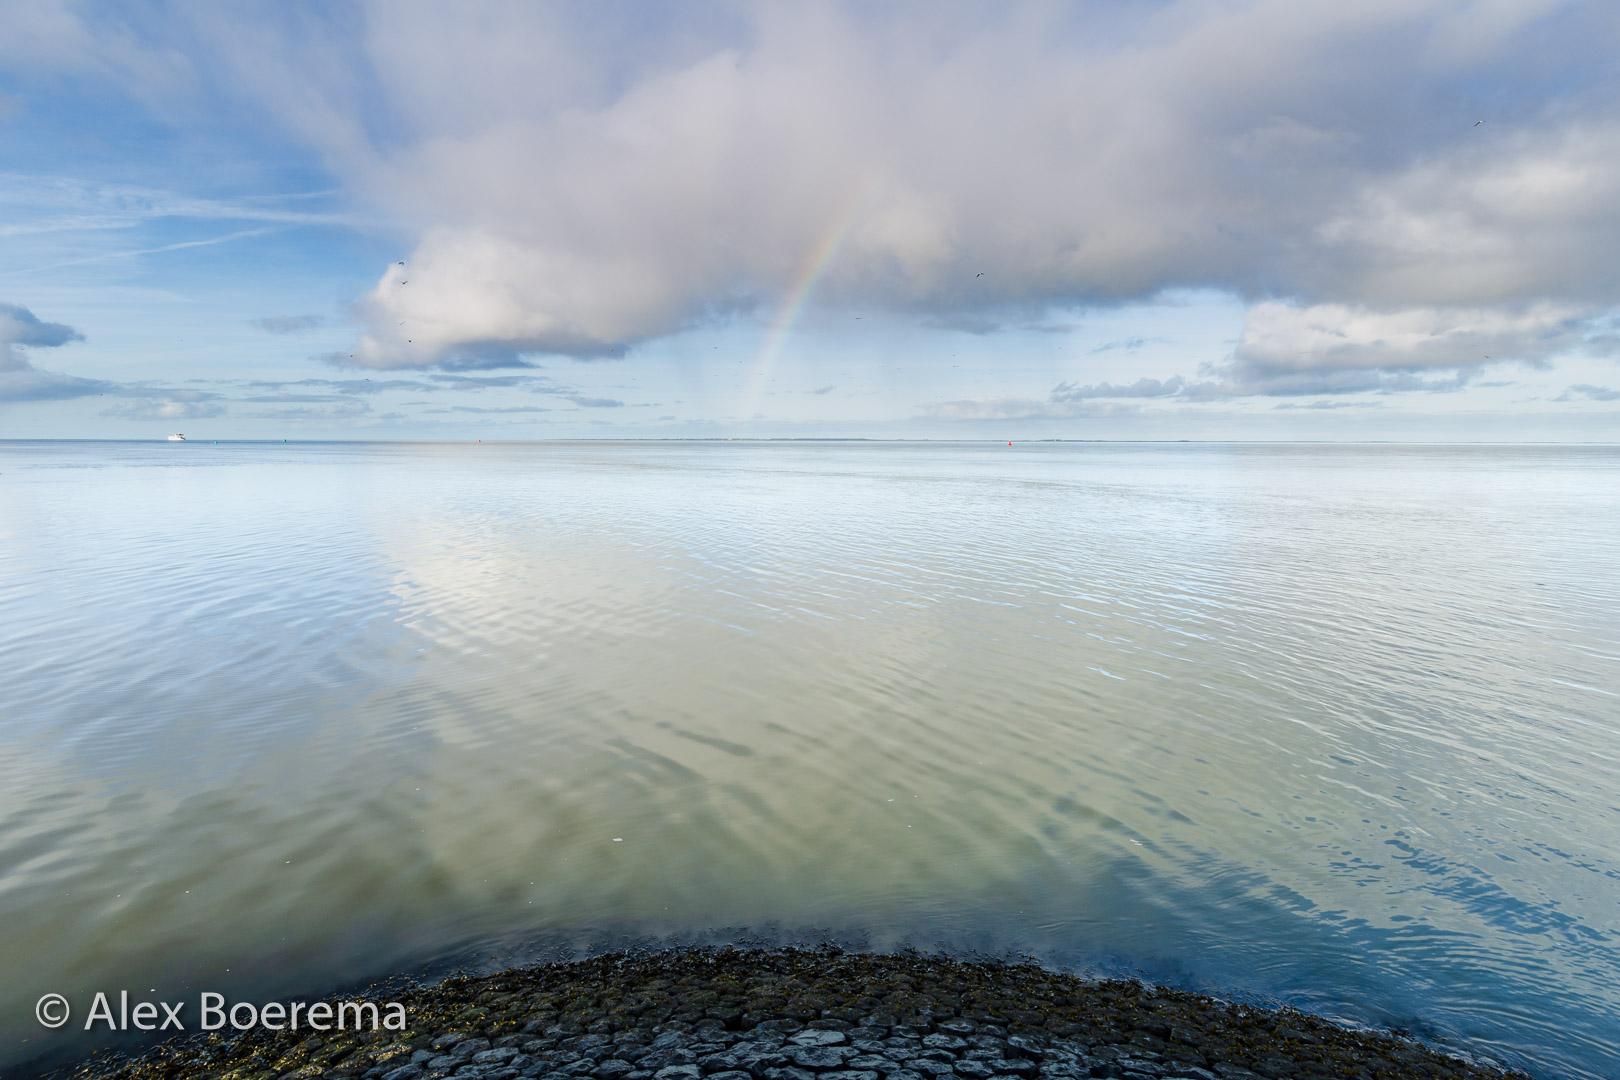 Havenhoofd, Lauwersoog december 2015